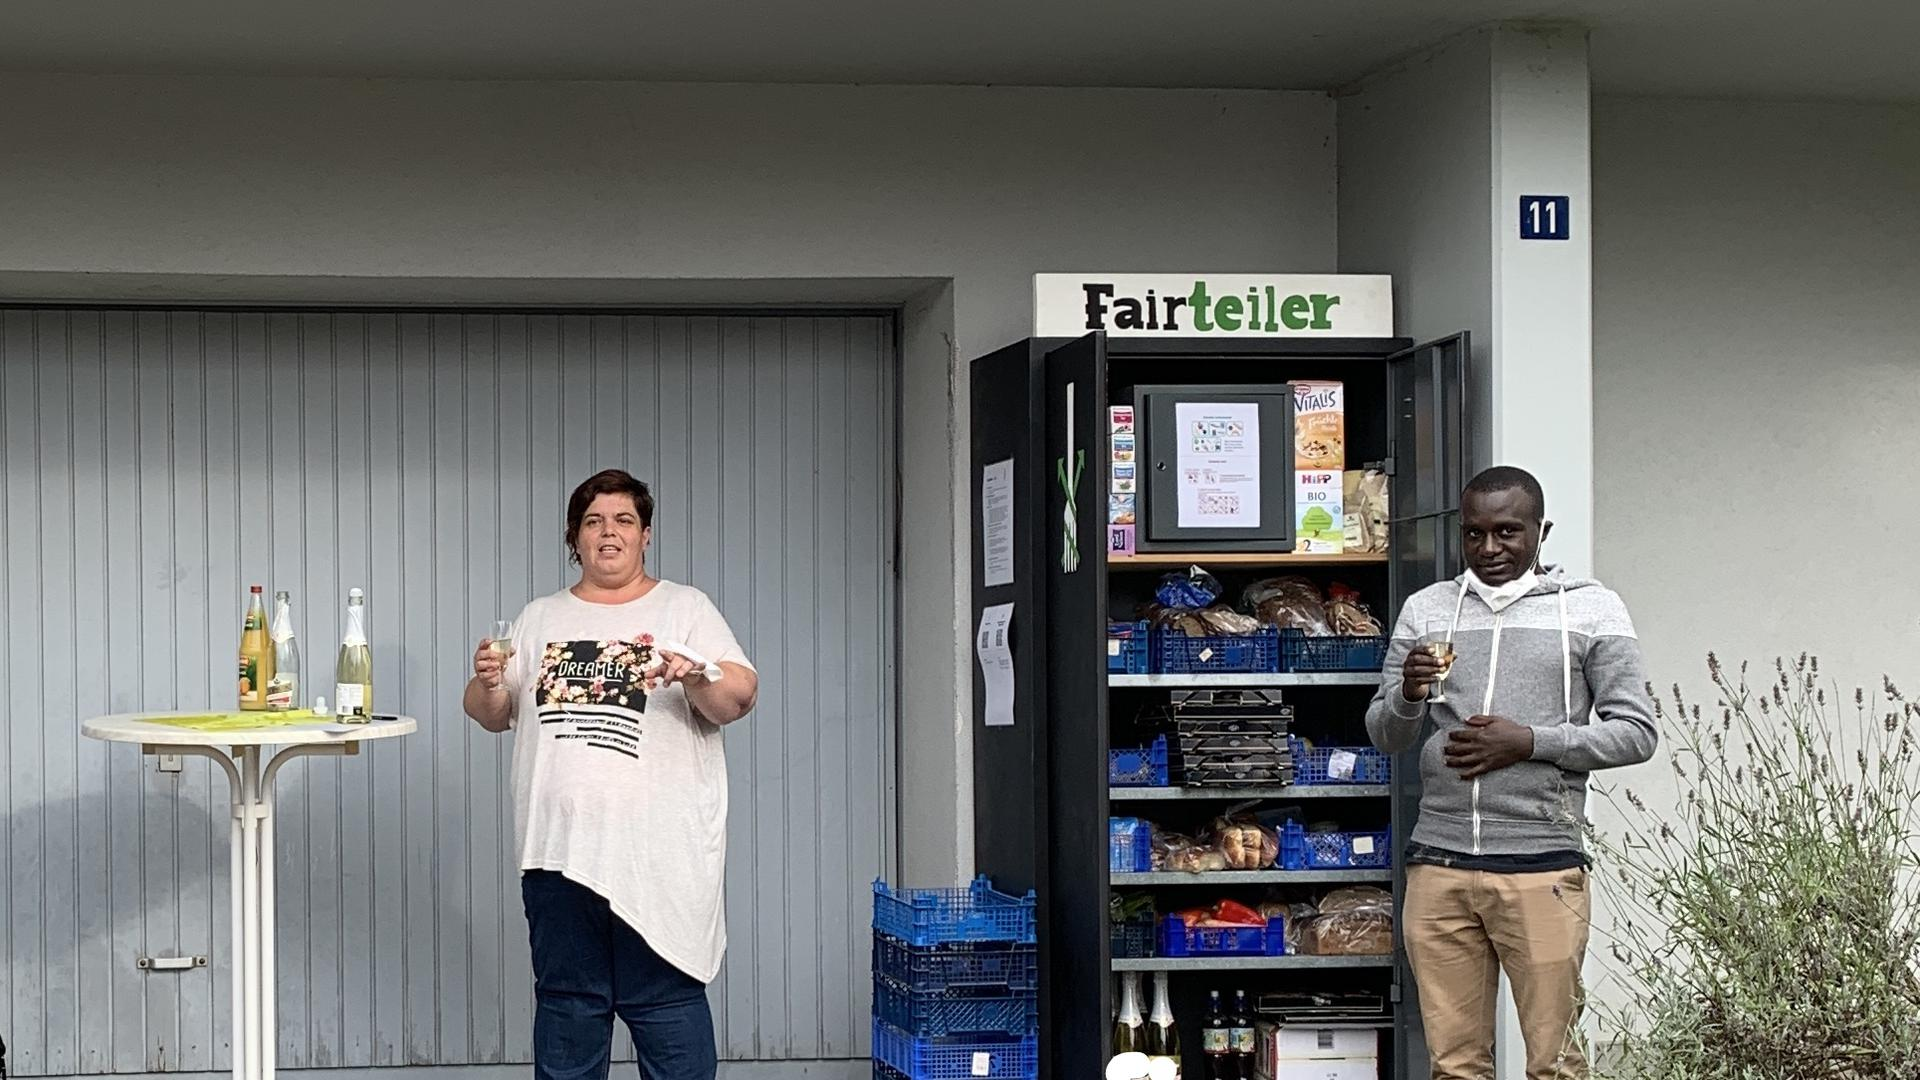 Manu Peters, Bezirksvorsitzende Foodsharing Bruchsal und Pfarrer Byaruhanga bei der Eröffnung des neuen Fairteilers in Obergrombach